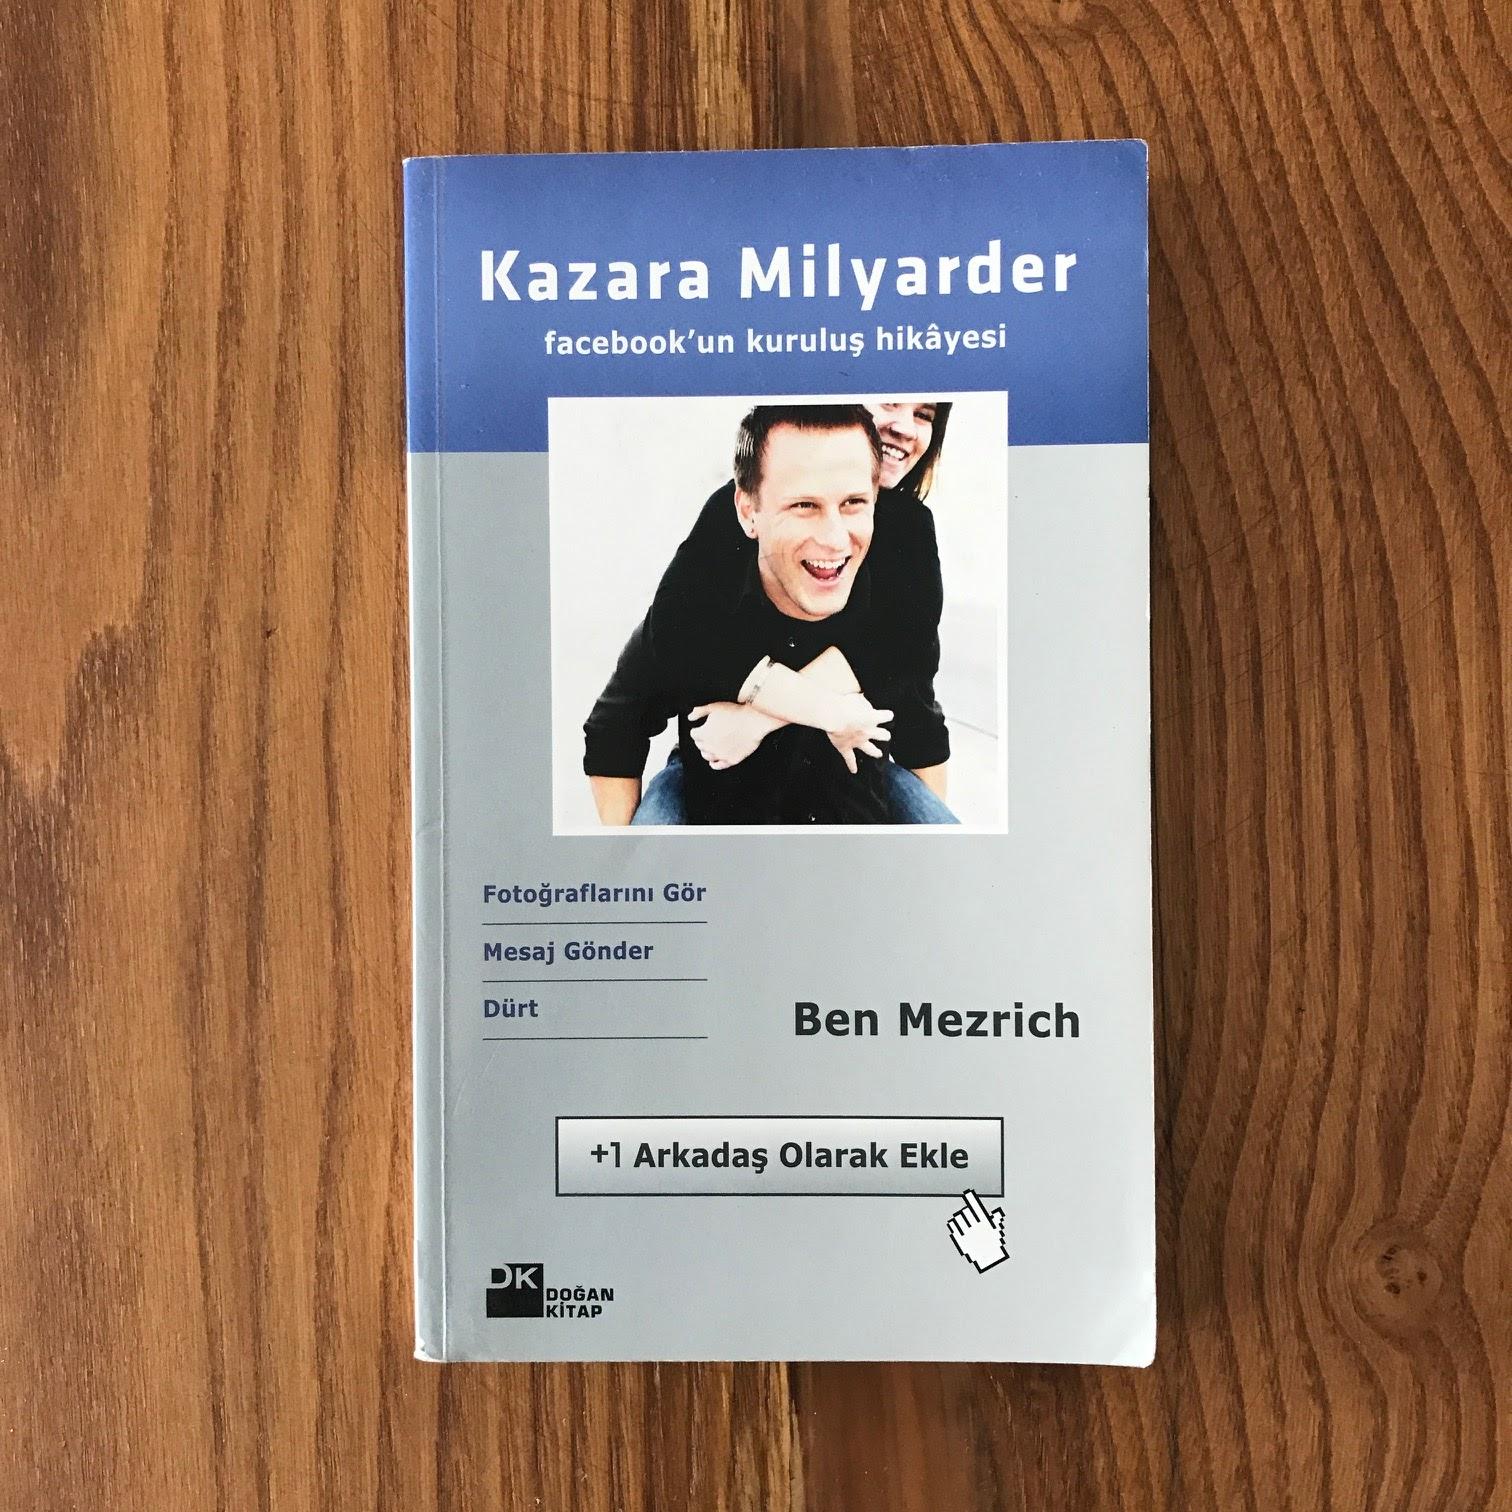 Kazara Milyarder - Facebook'un Kurulus Hikayesi (Video) (Kitap)